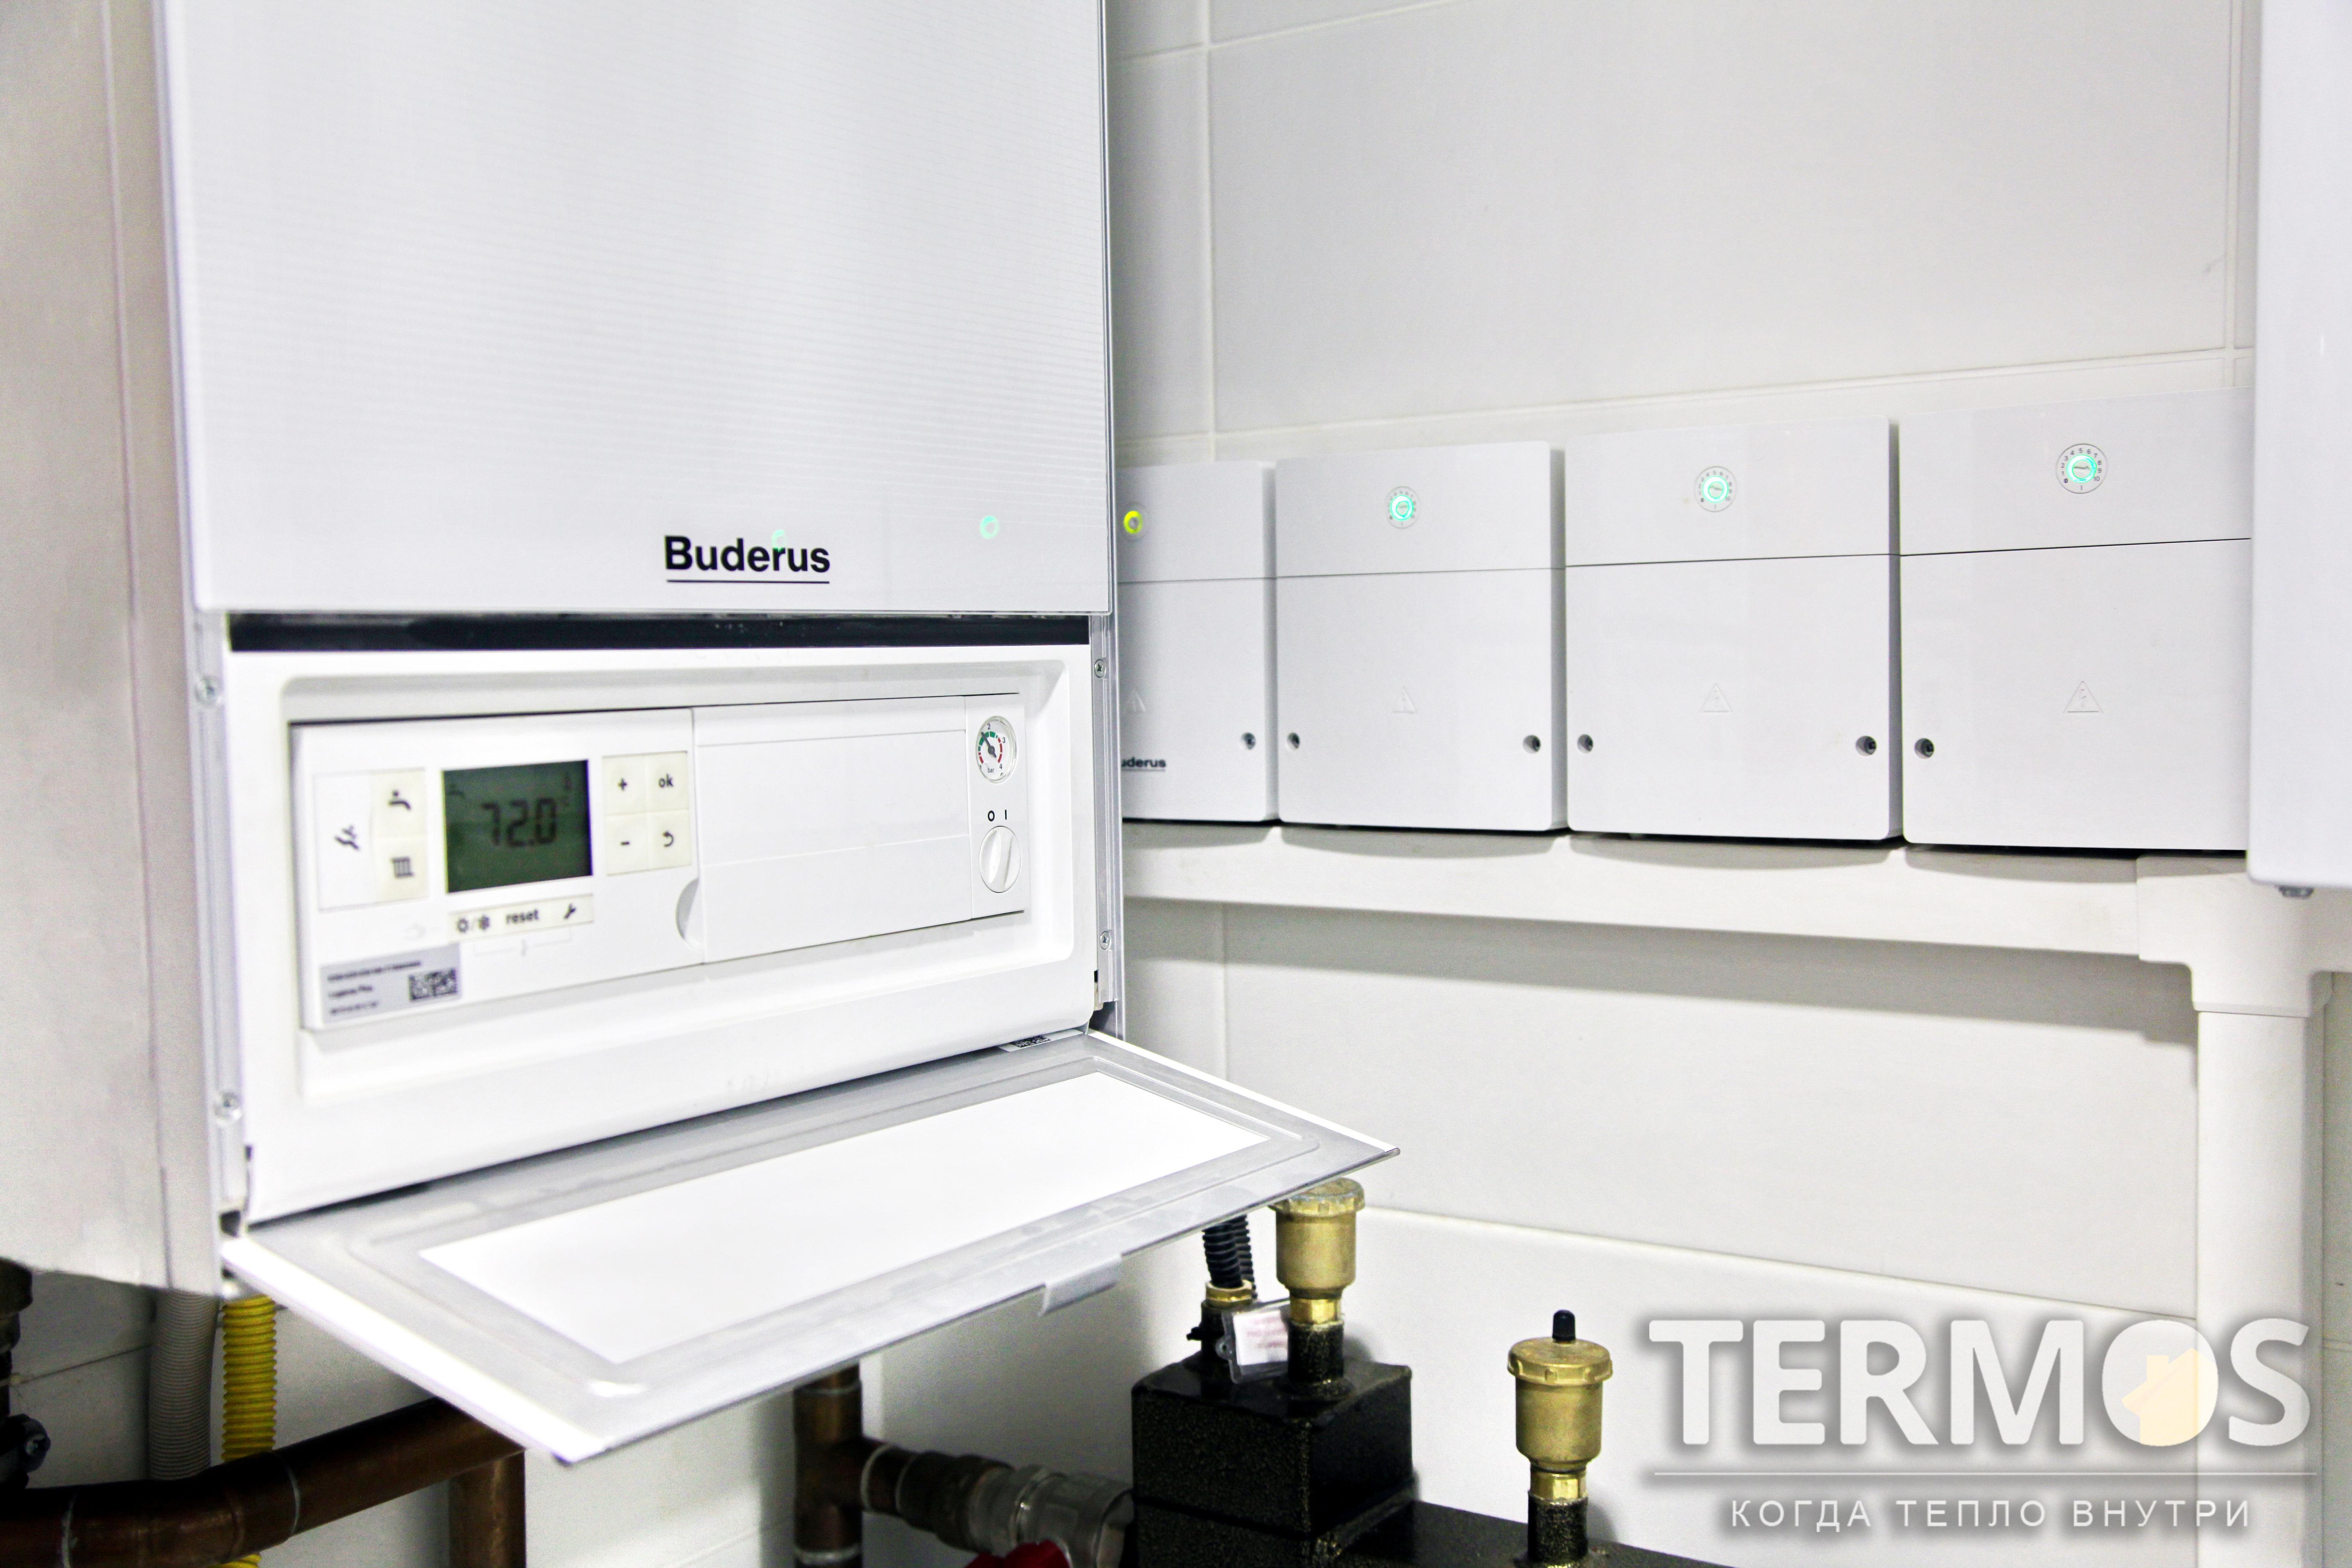 Функции системы отопления - погодозависимое отопление дома радиаторами и теплым полом, нагрев наружного бассейна, приготовление горячей воды в 300 л бойлере косвенного нагрева, циркуляция ГВС, контроль и управление через интернет